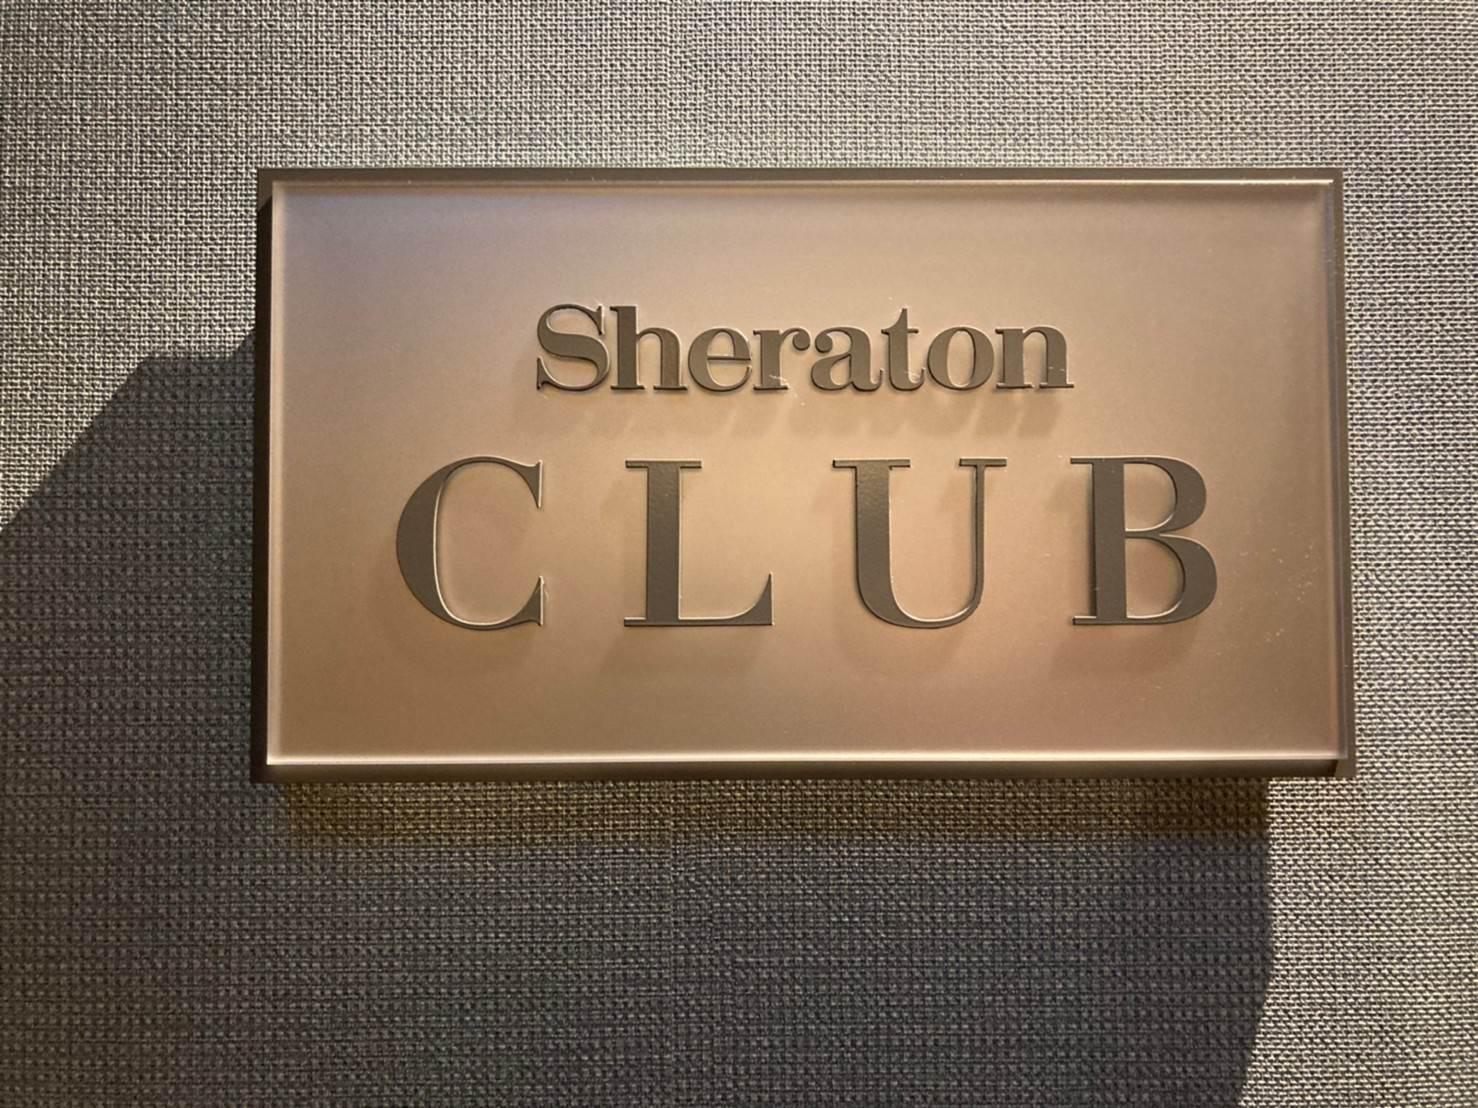 【宿泊記】横浜ベイシェラトン ホテル&タワーズ クラブツインのお部屋の感想&レビュー!